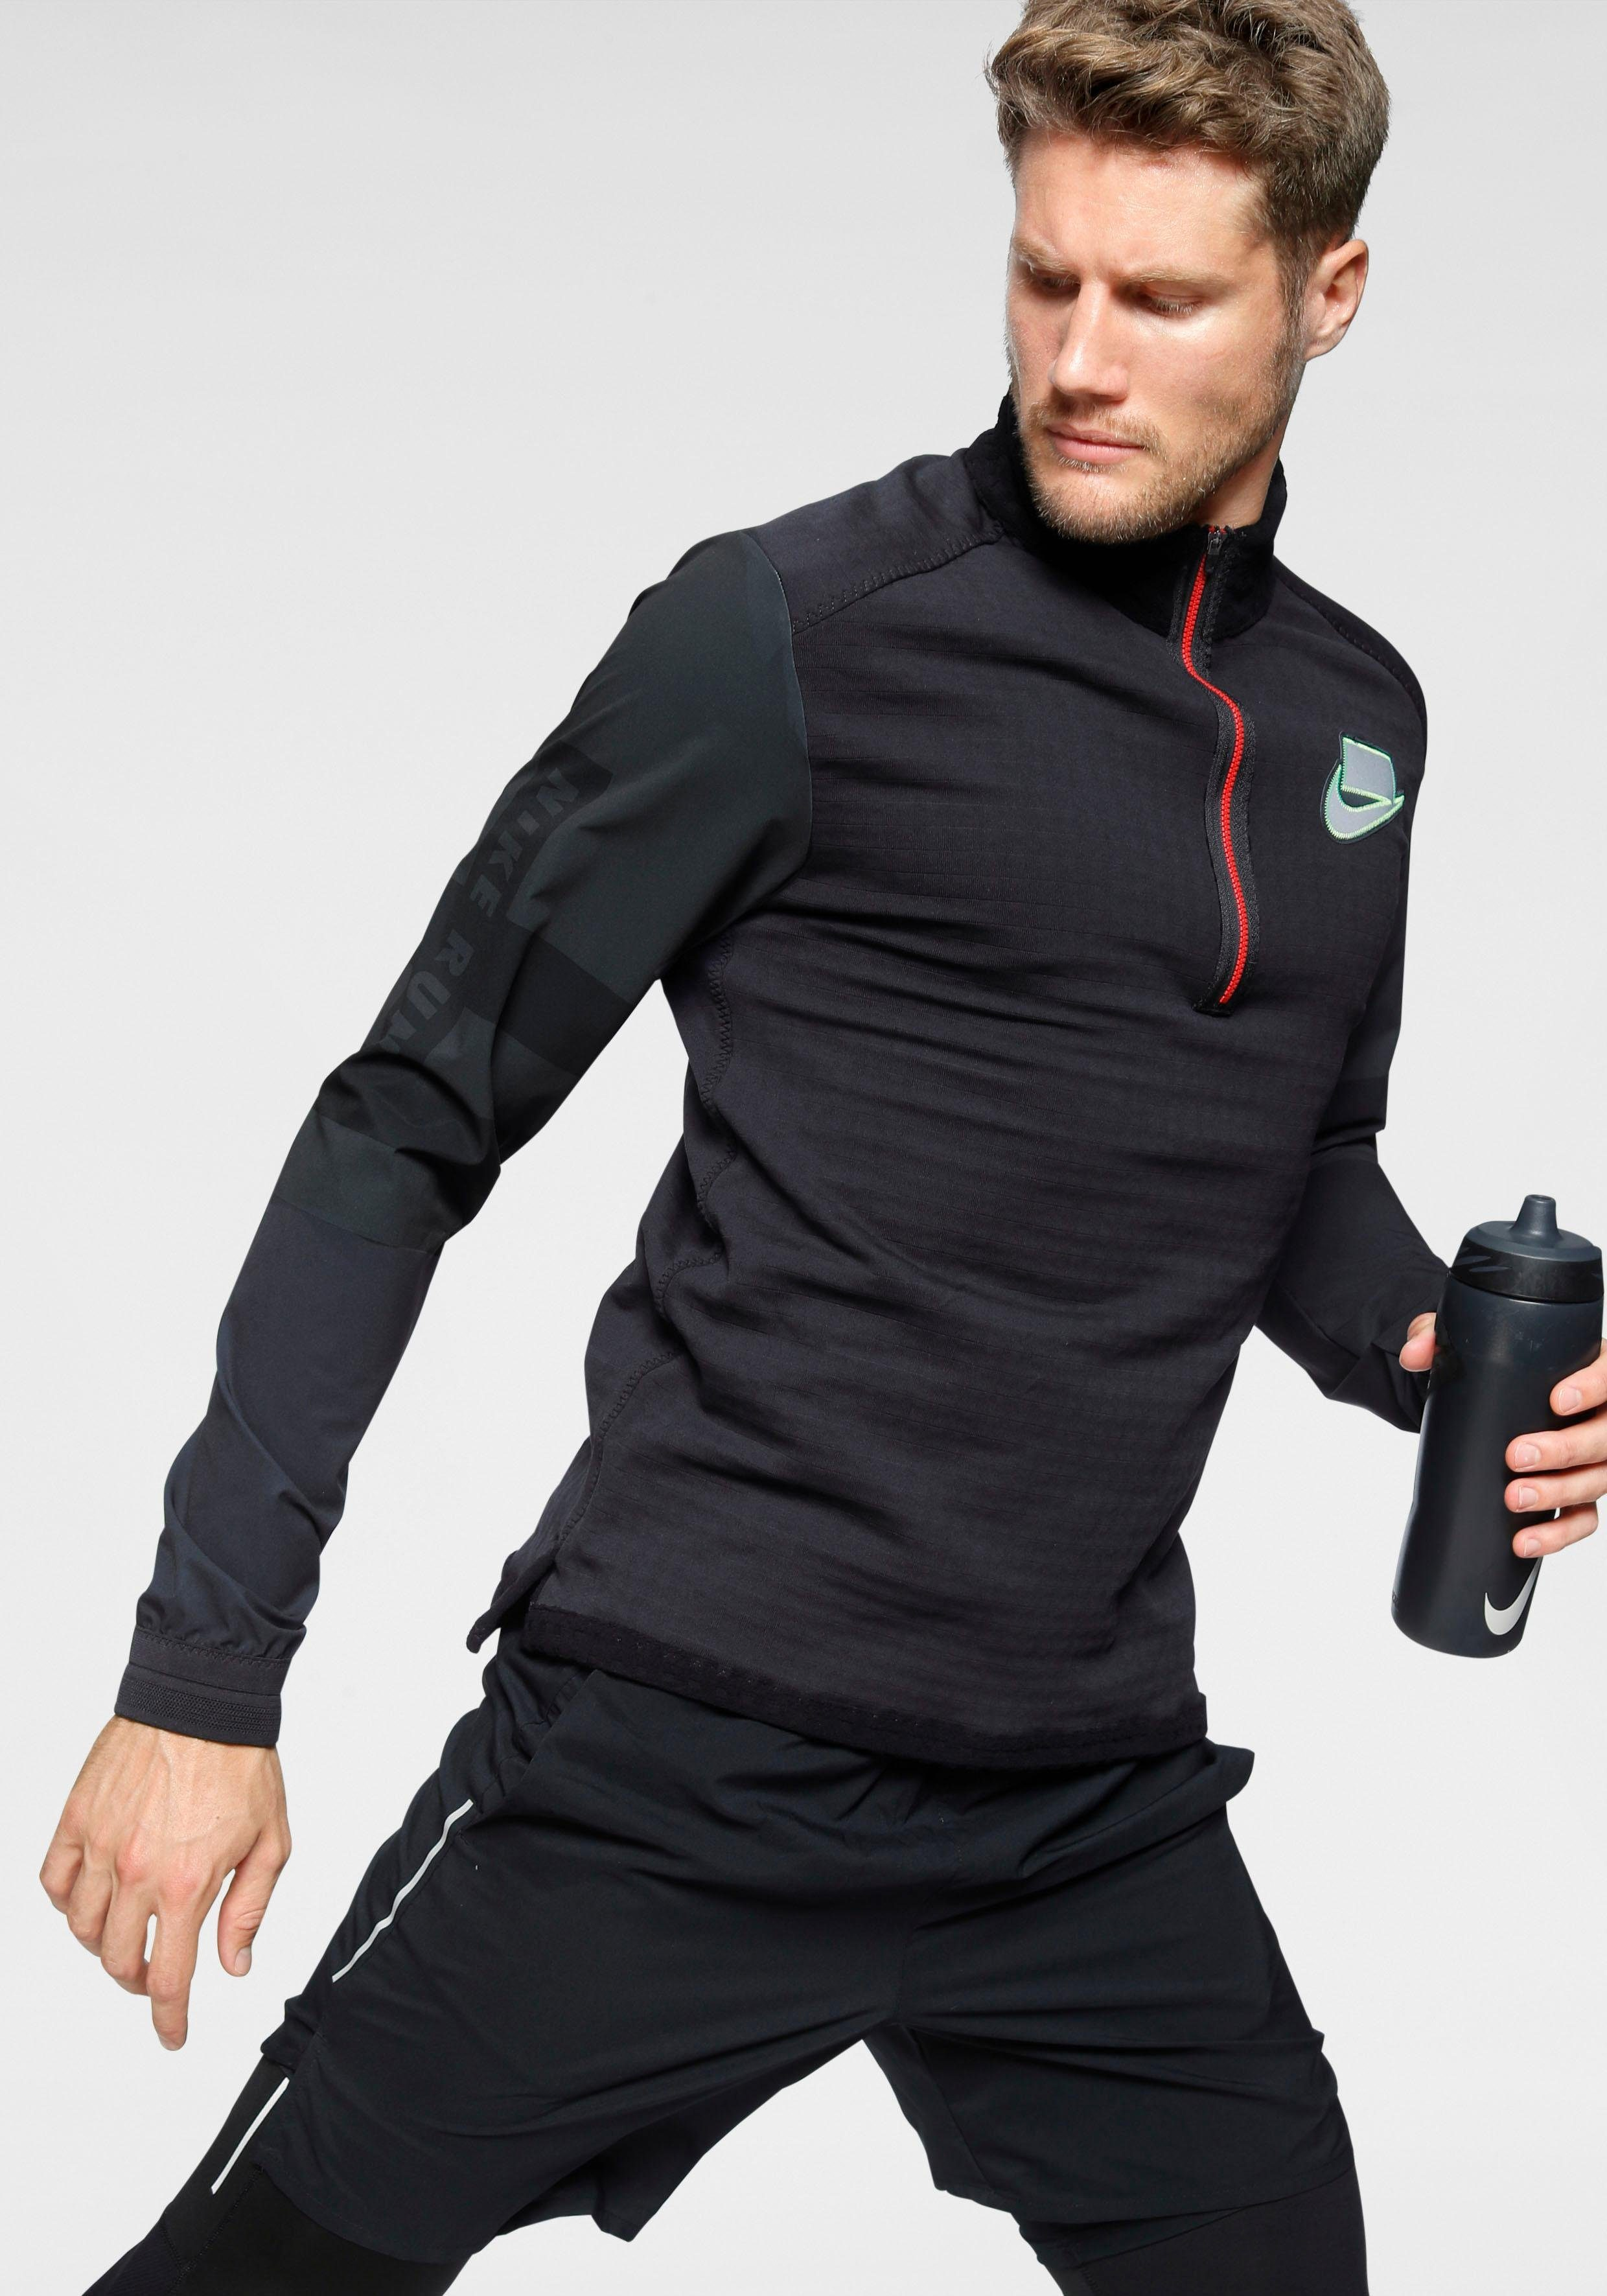 Nike Laufshirt | Sportbekleidung > Sportshirts | Nike